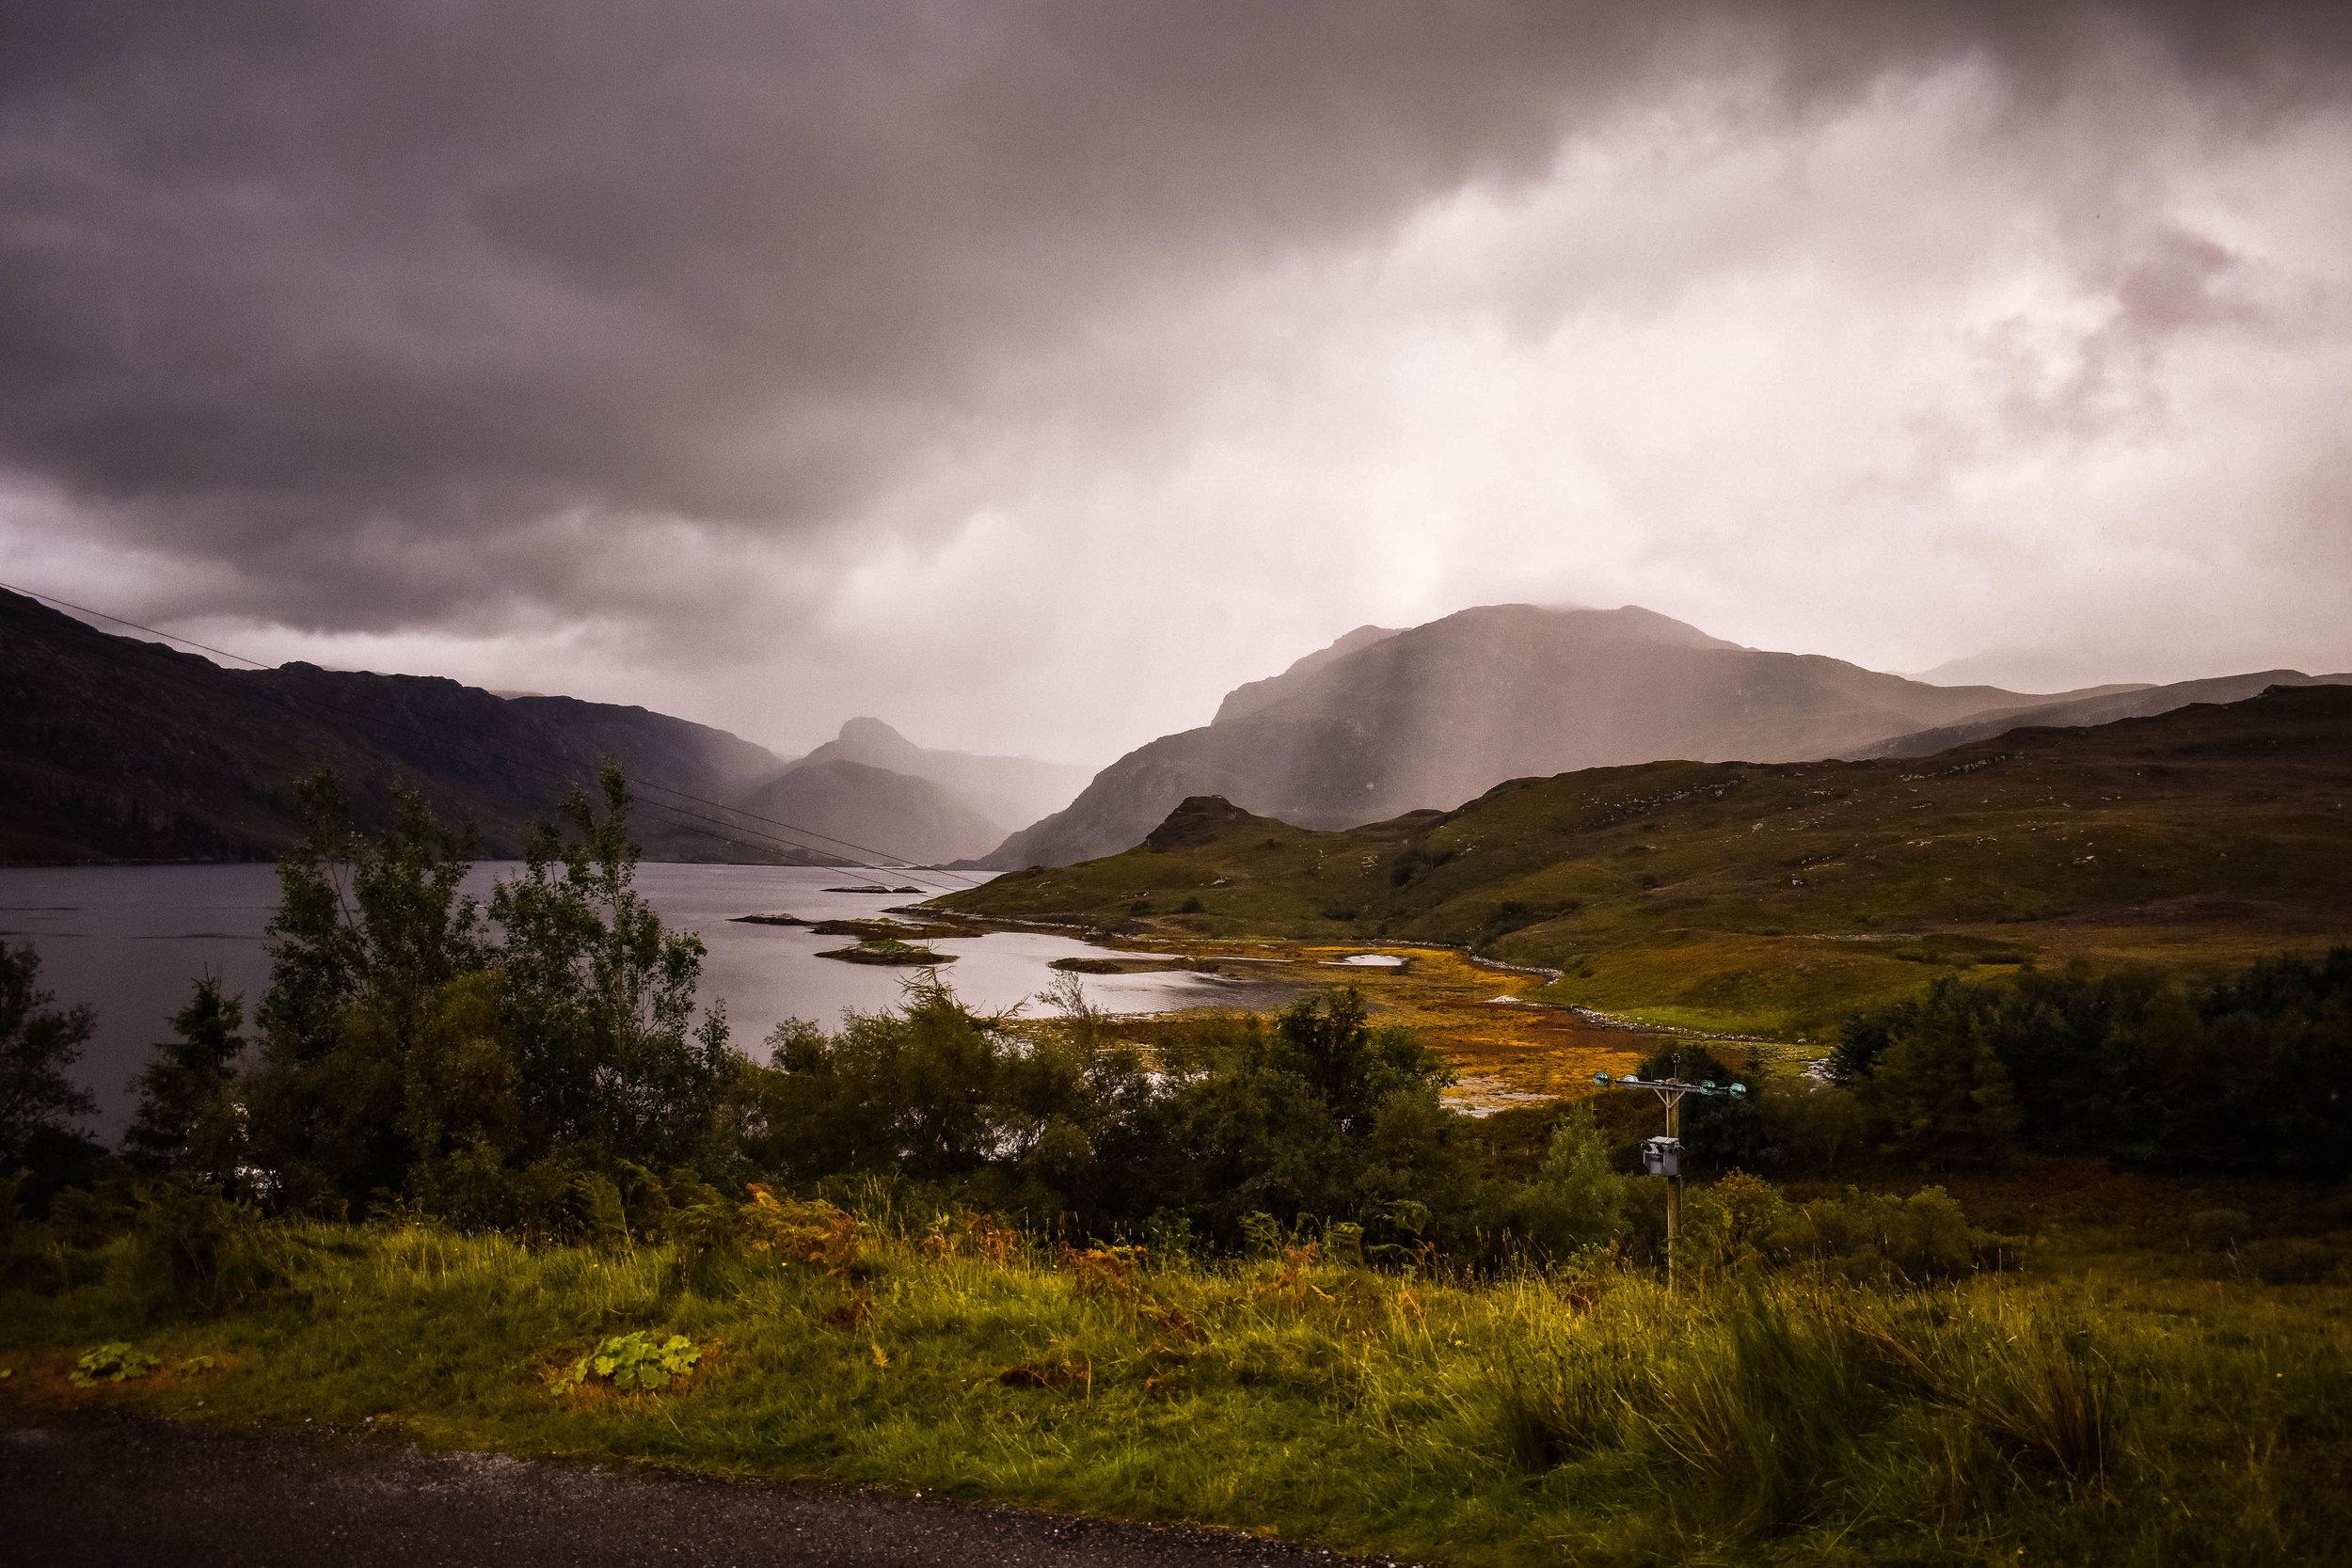 Northwestern Scotland